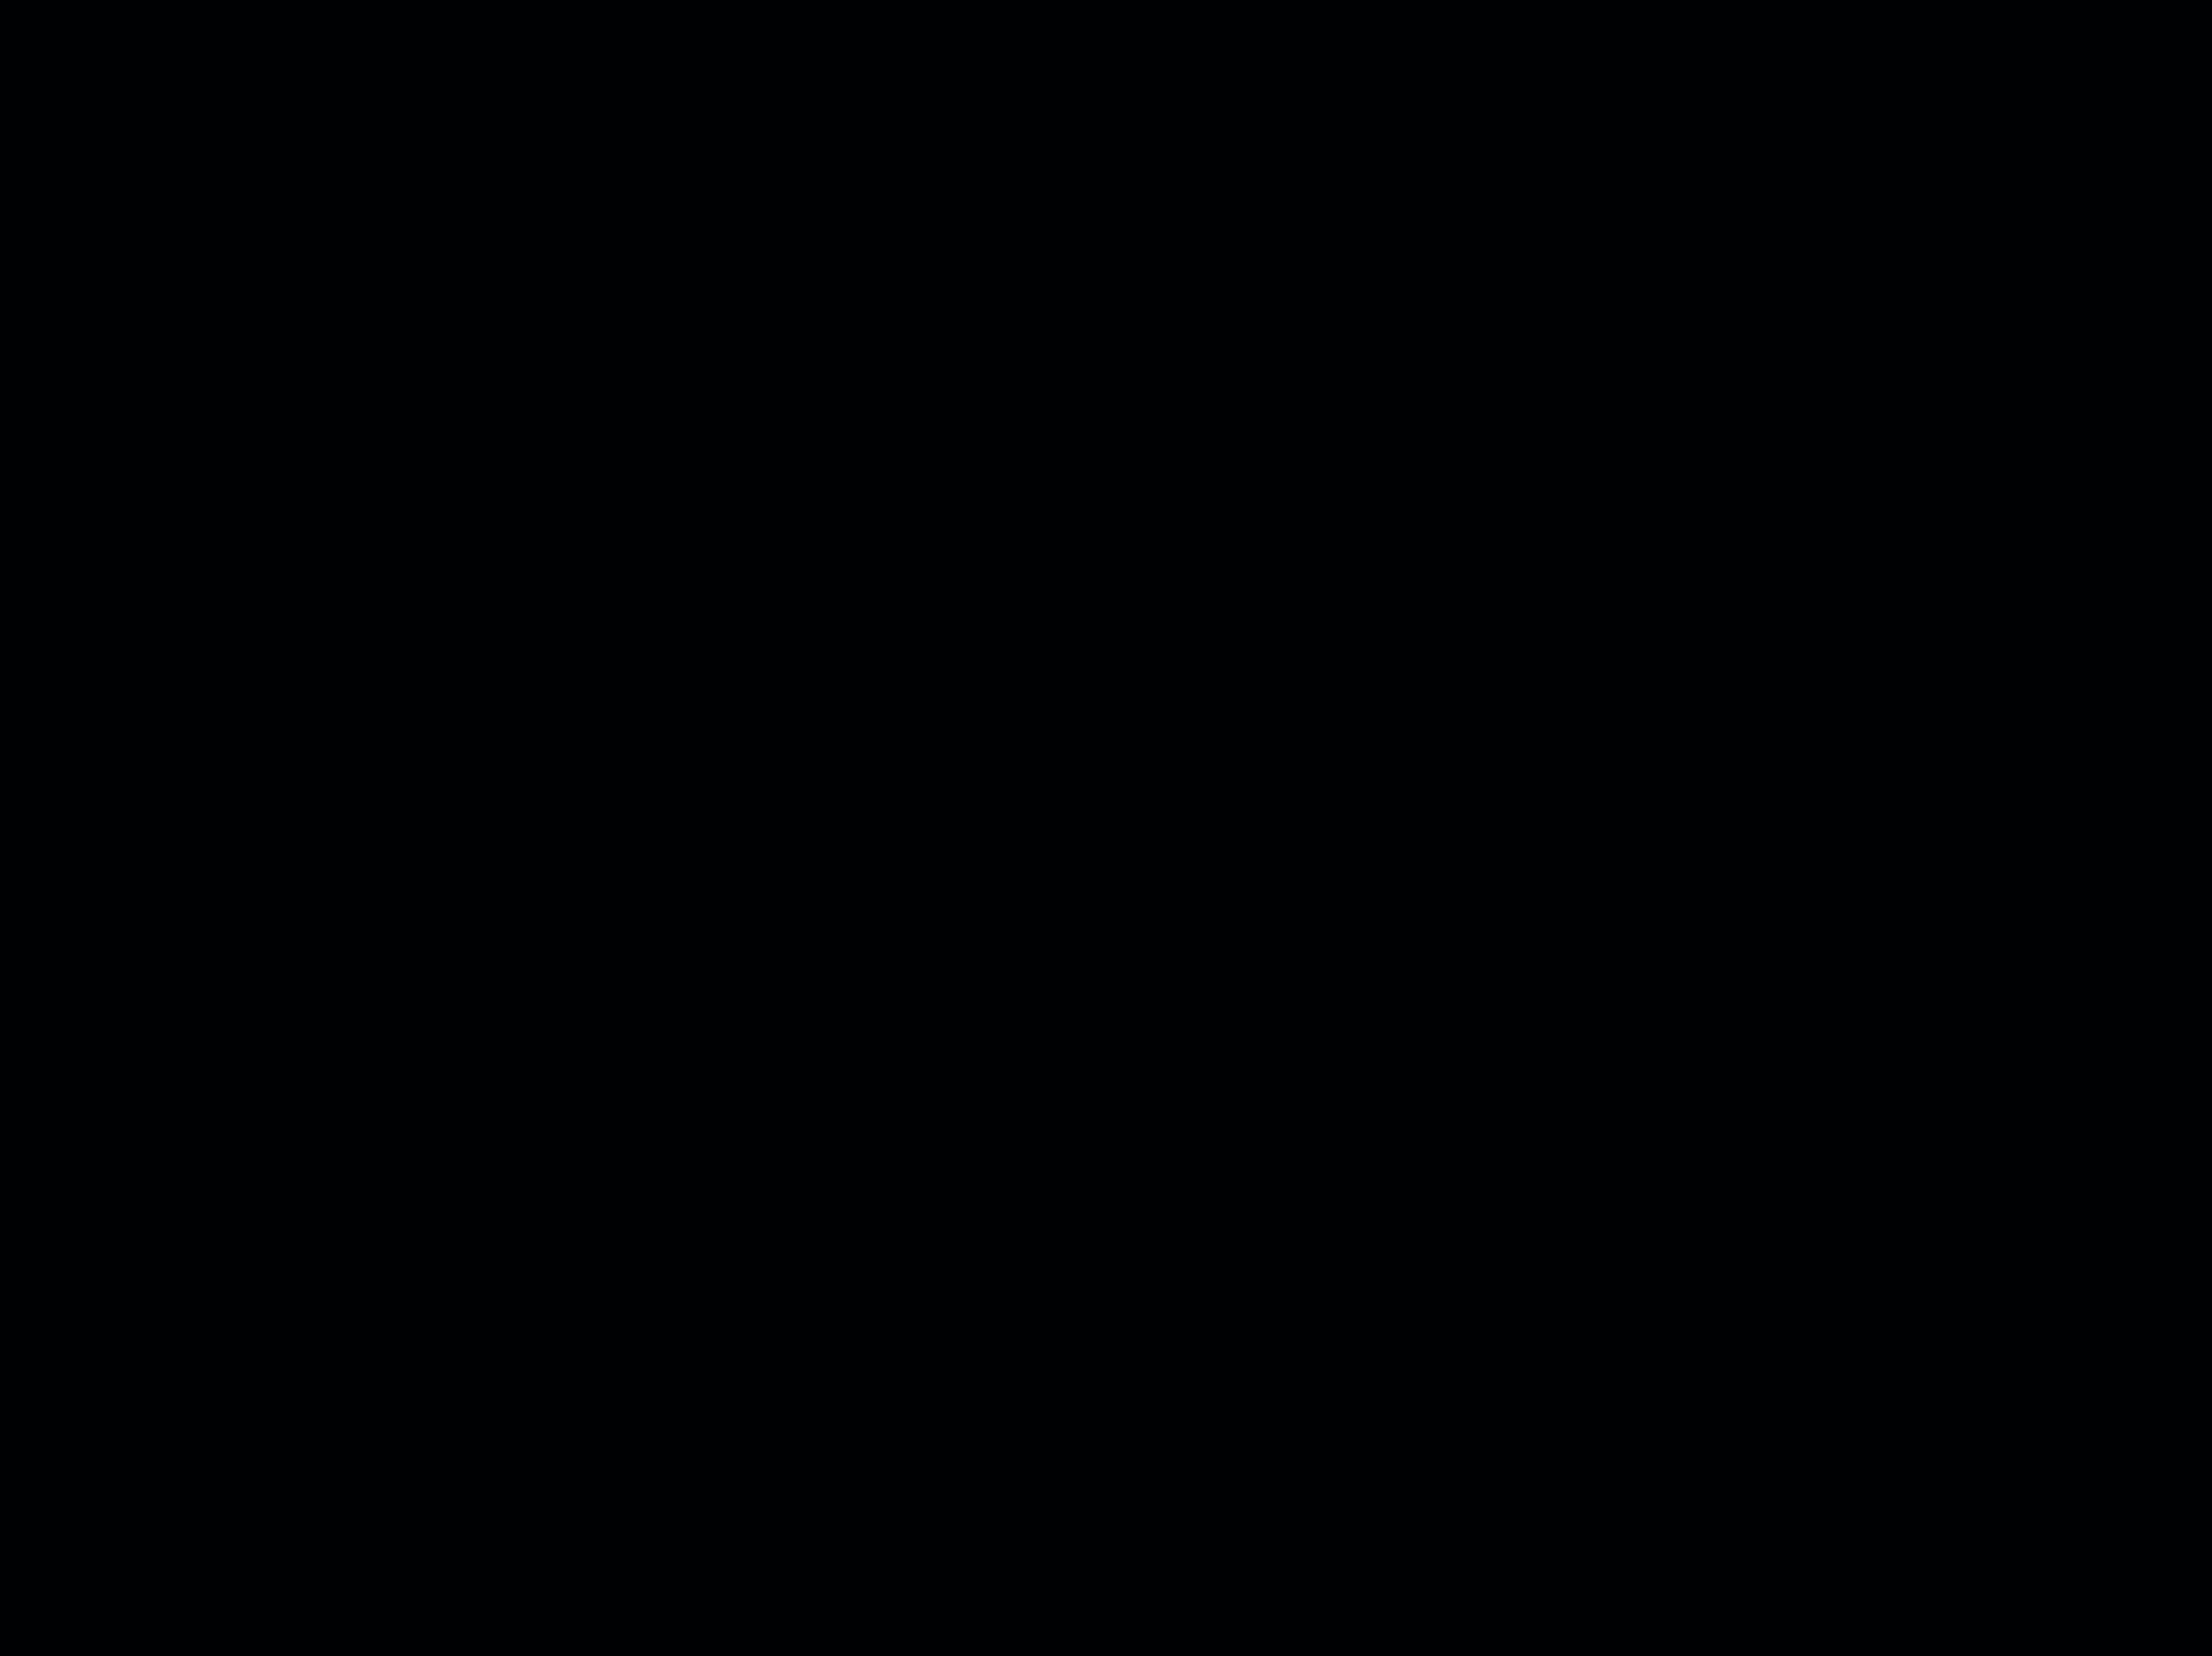 atelier_dojo_local_rectangle_black_9-13-2017.png